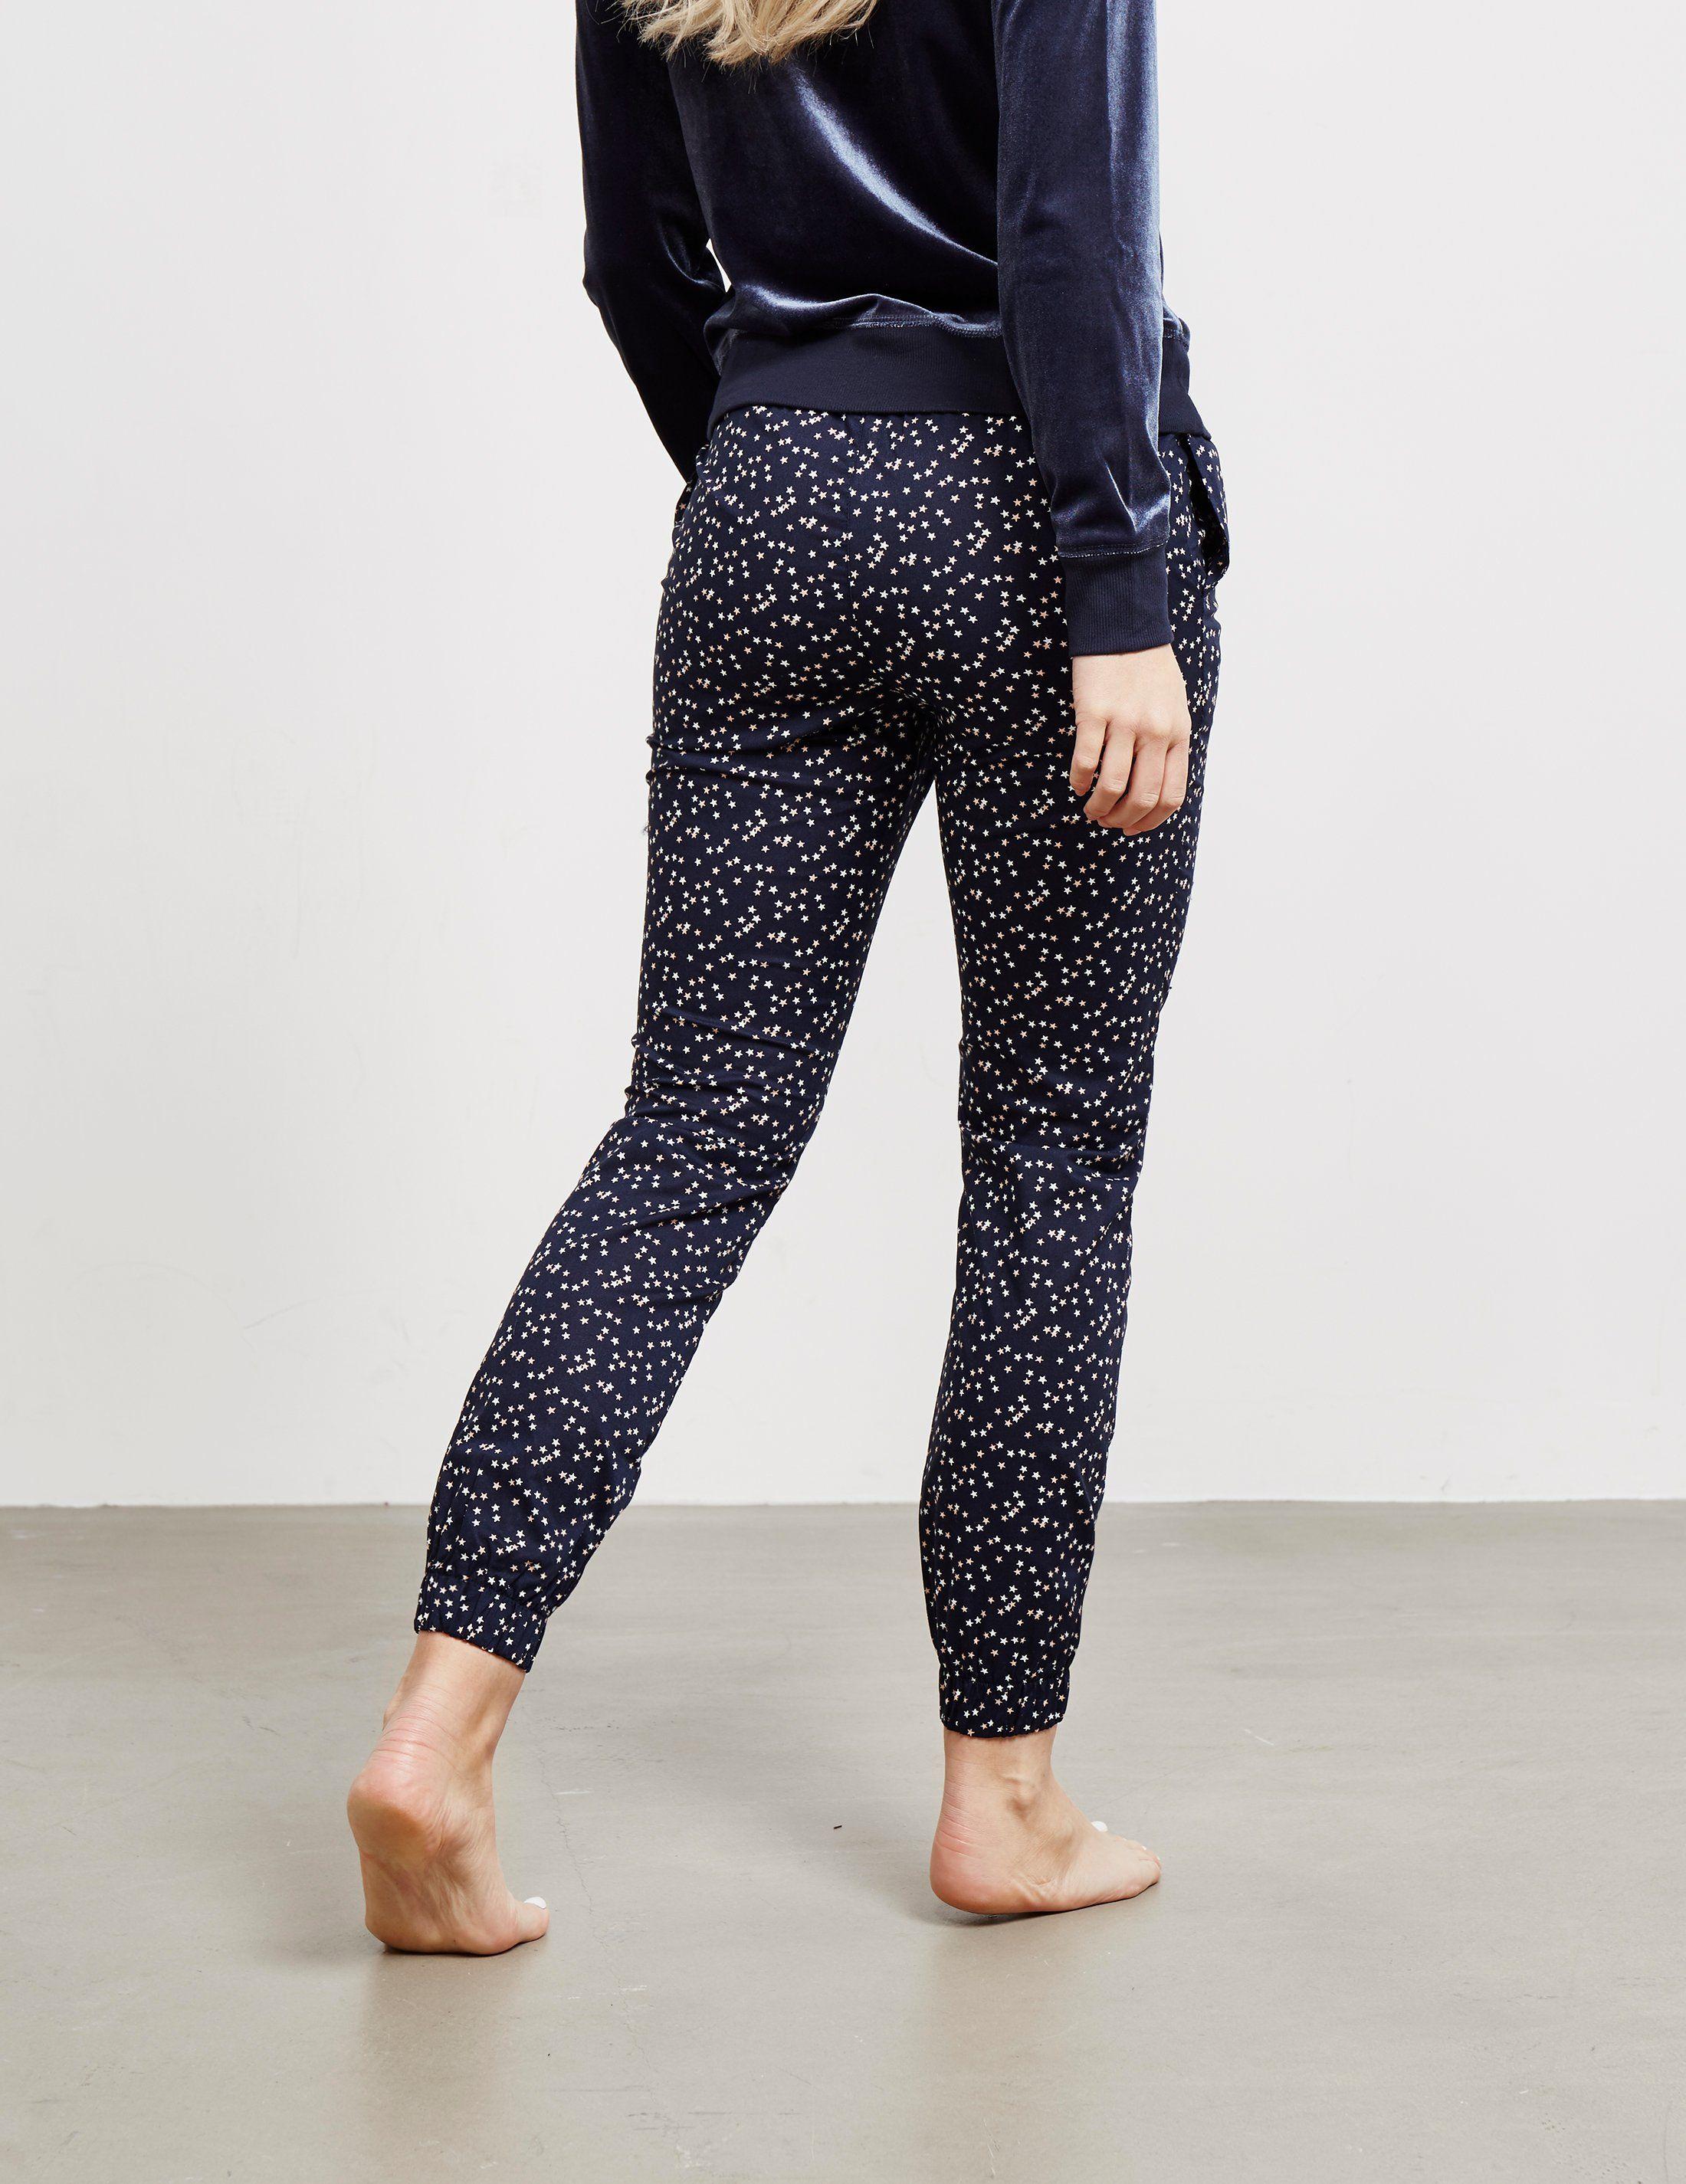 Calvin Klein Underwear Star Print Cuffed Fleece Pants - Online Exclusive